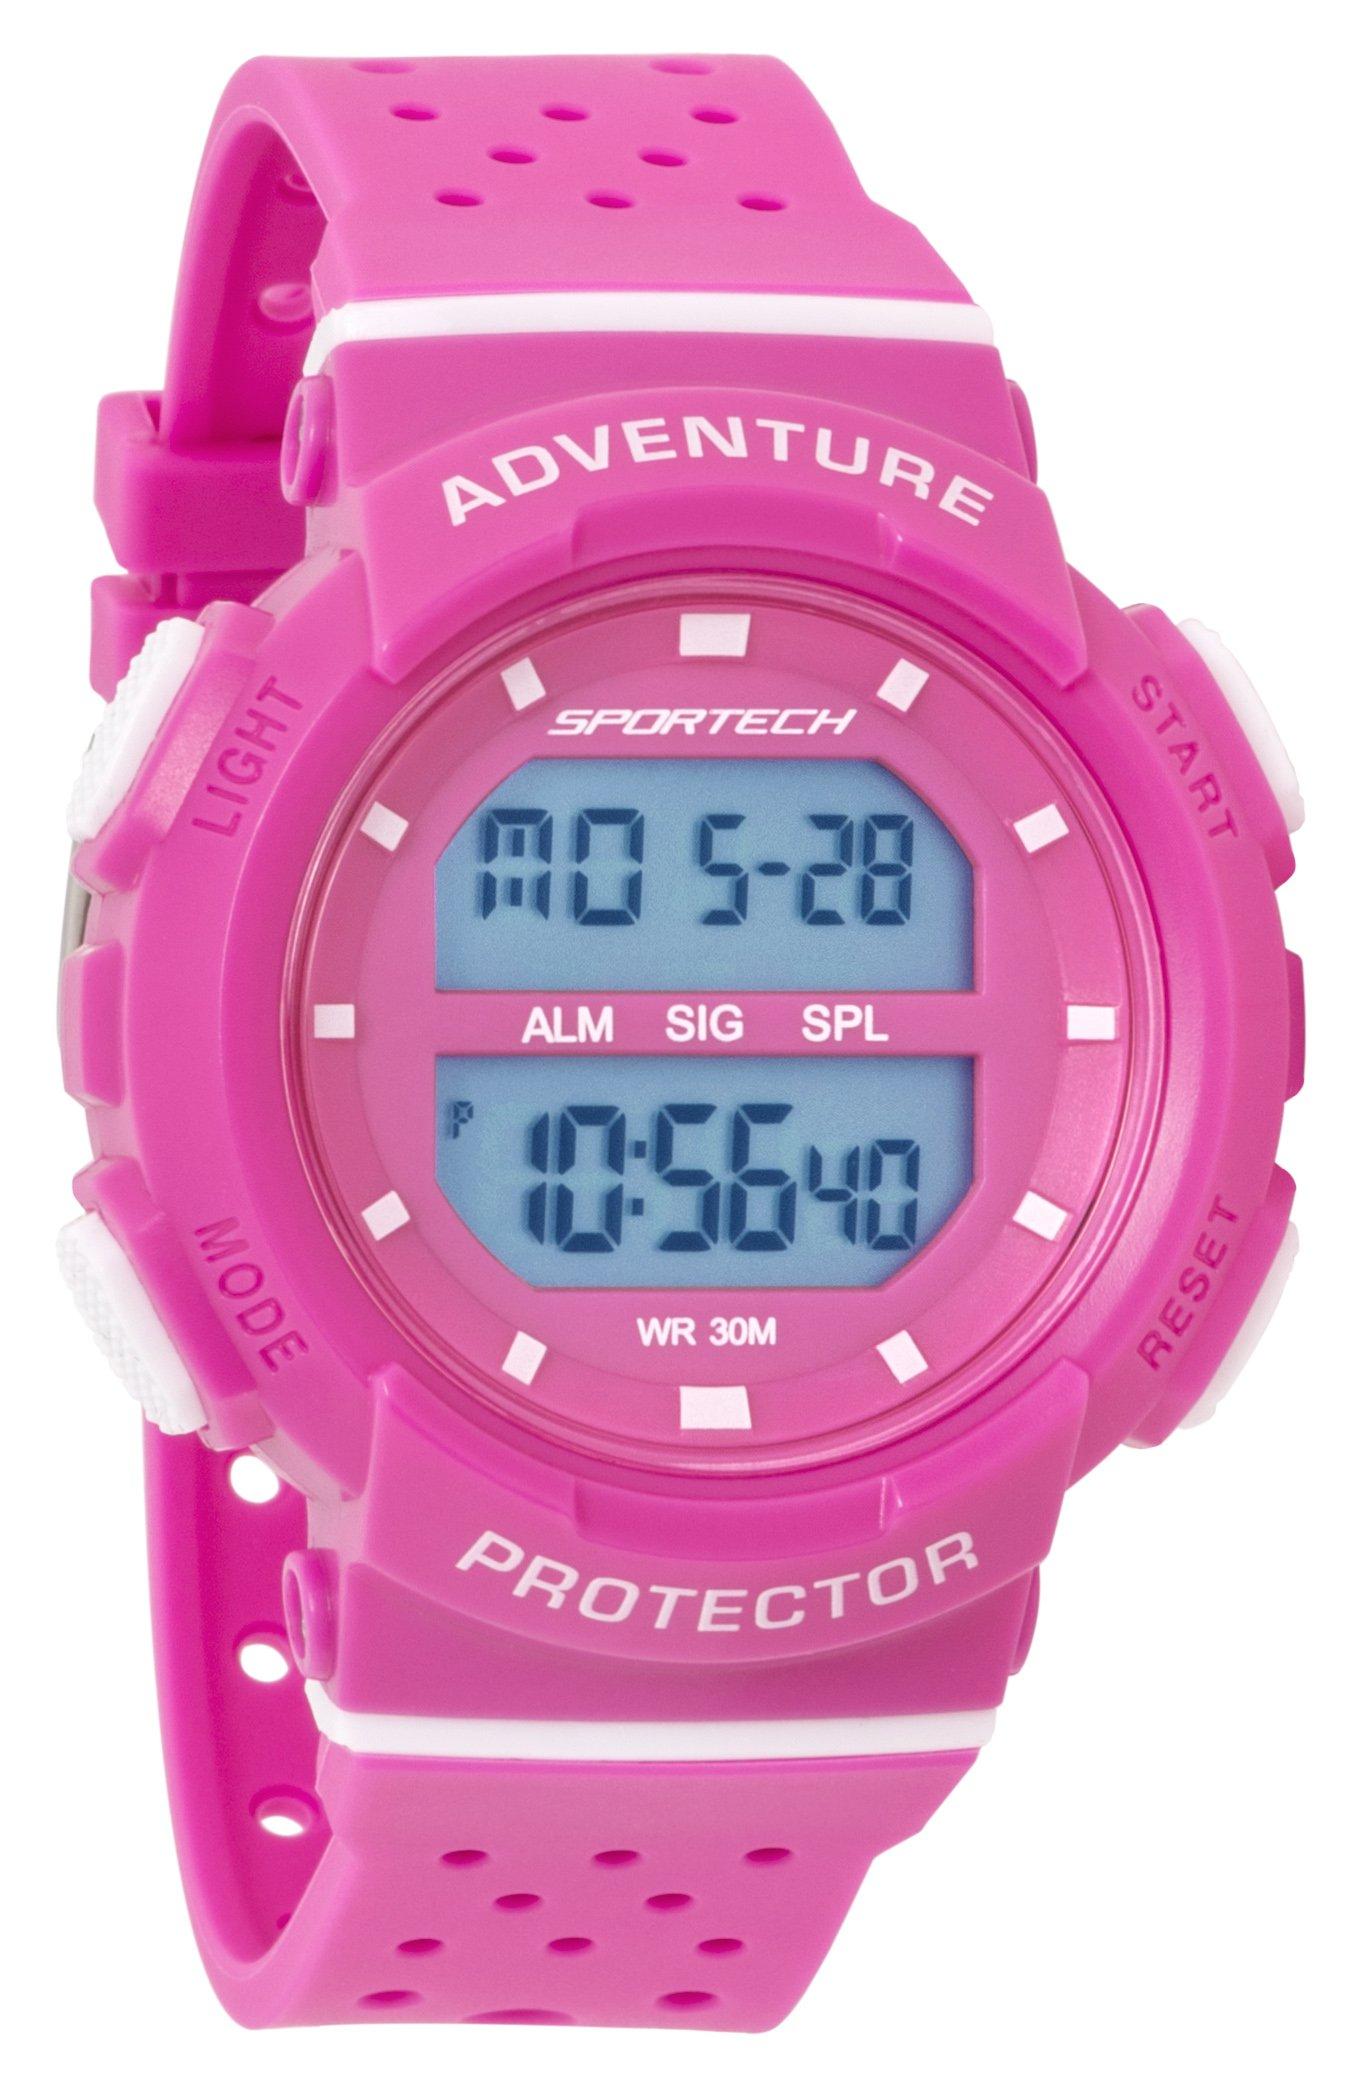 SPORTECH Women's/Girls' | Pink & White Digital Water-Resistant Sports Watch | SP12702 by Sportech